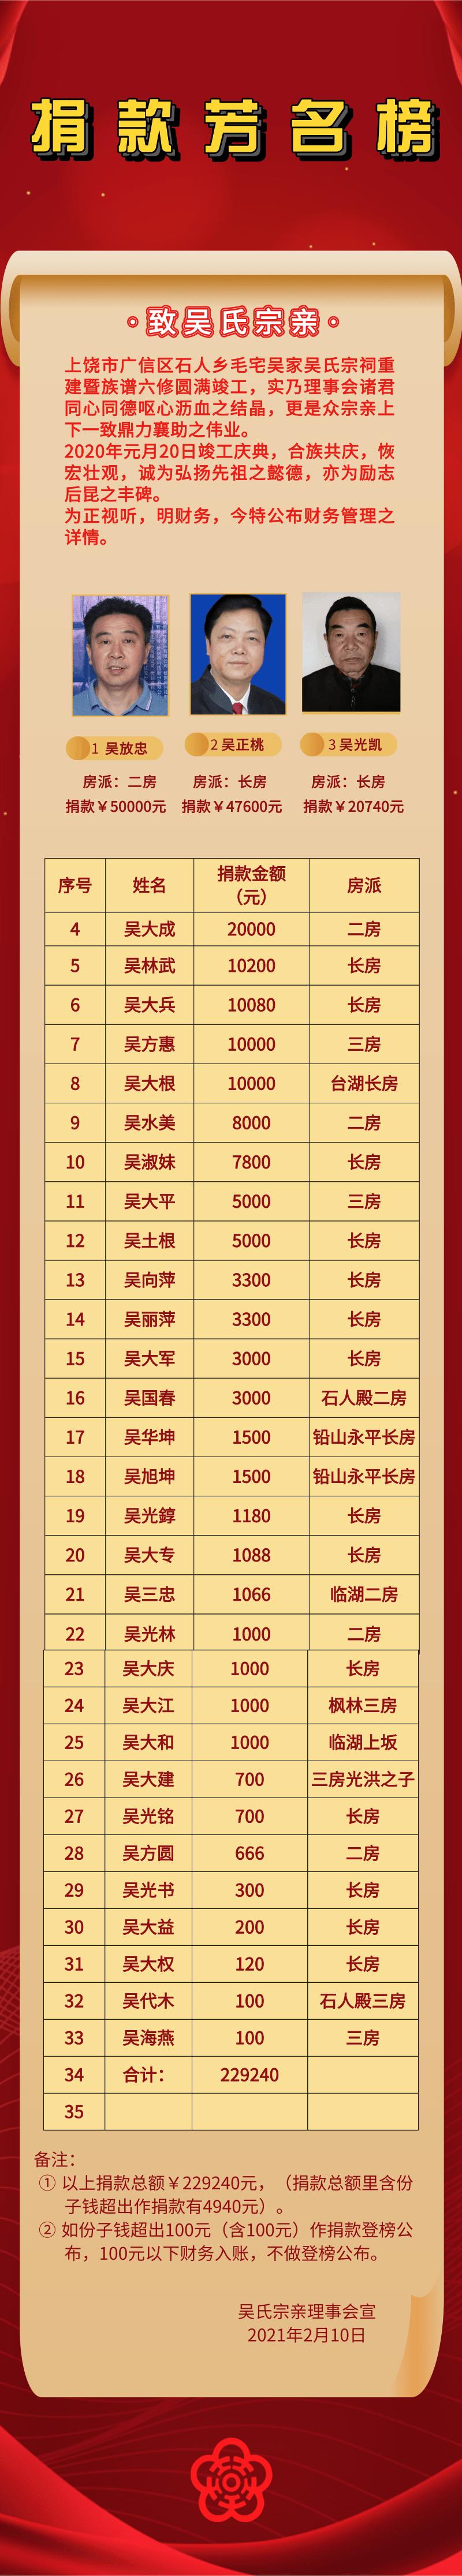 红金员工荣誉榜营销长图@凡科快图 (1).png